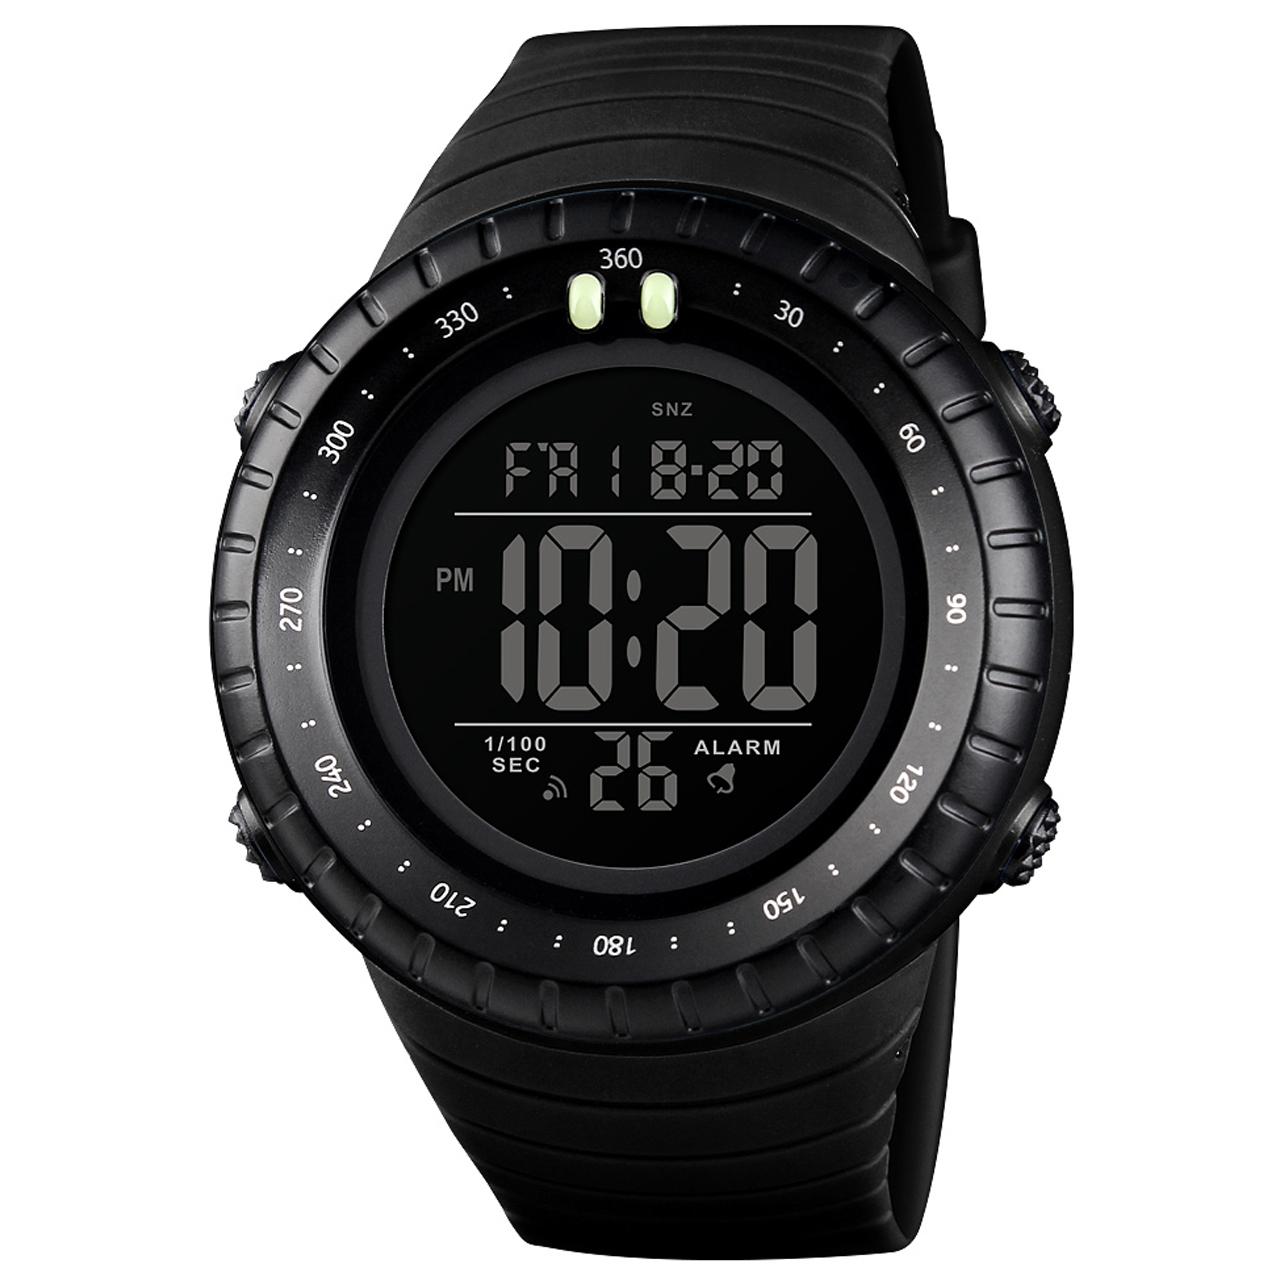 ساعت مچی دیجیتالی مردانه اسکمی مدل 1420